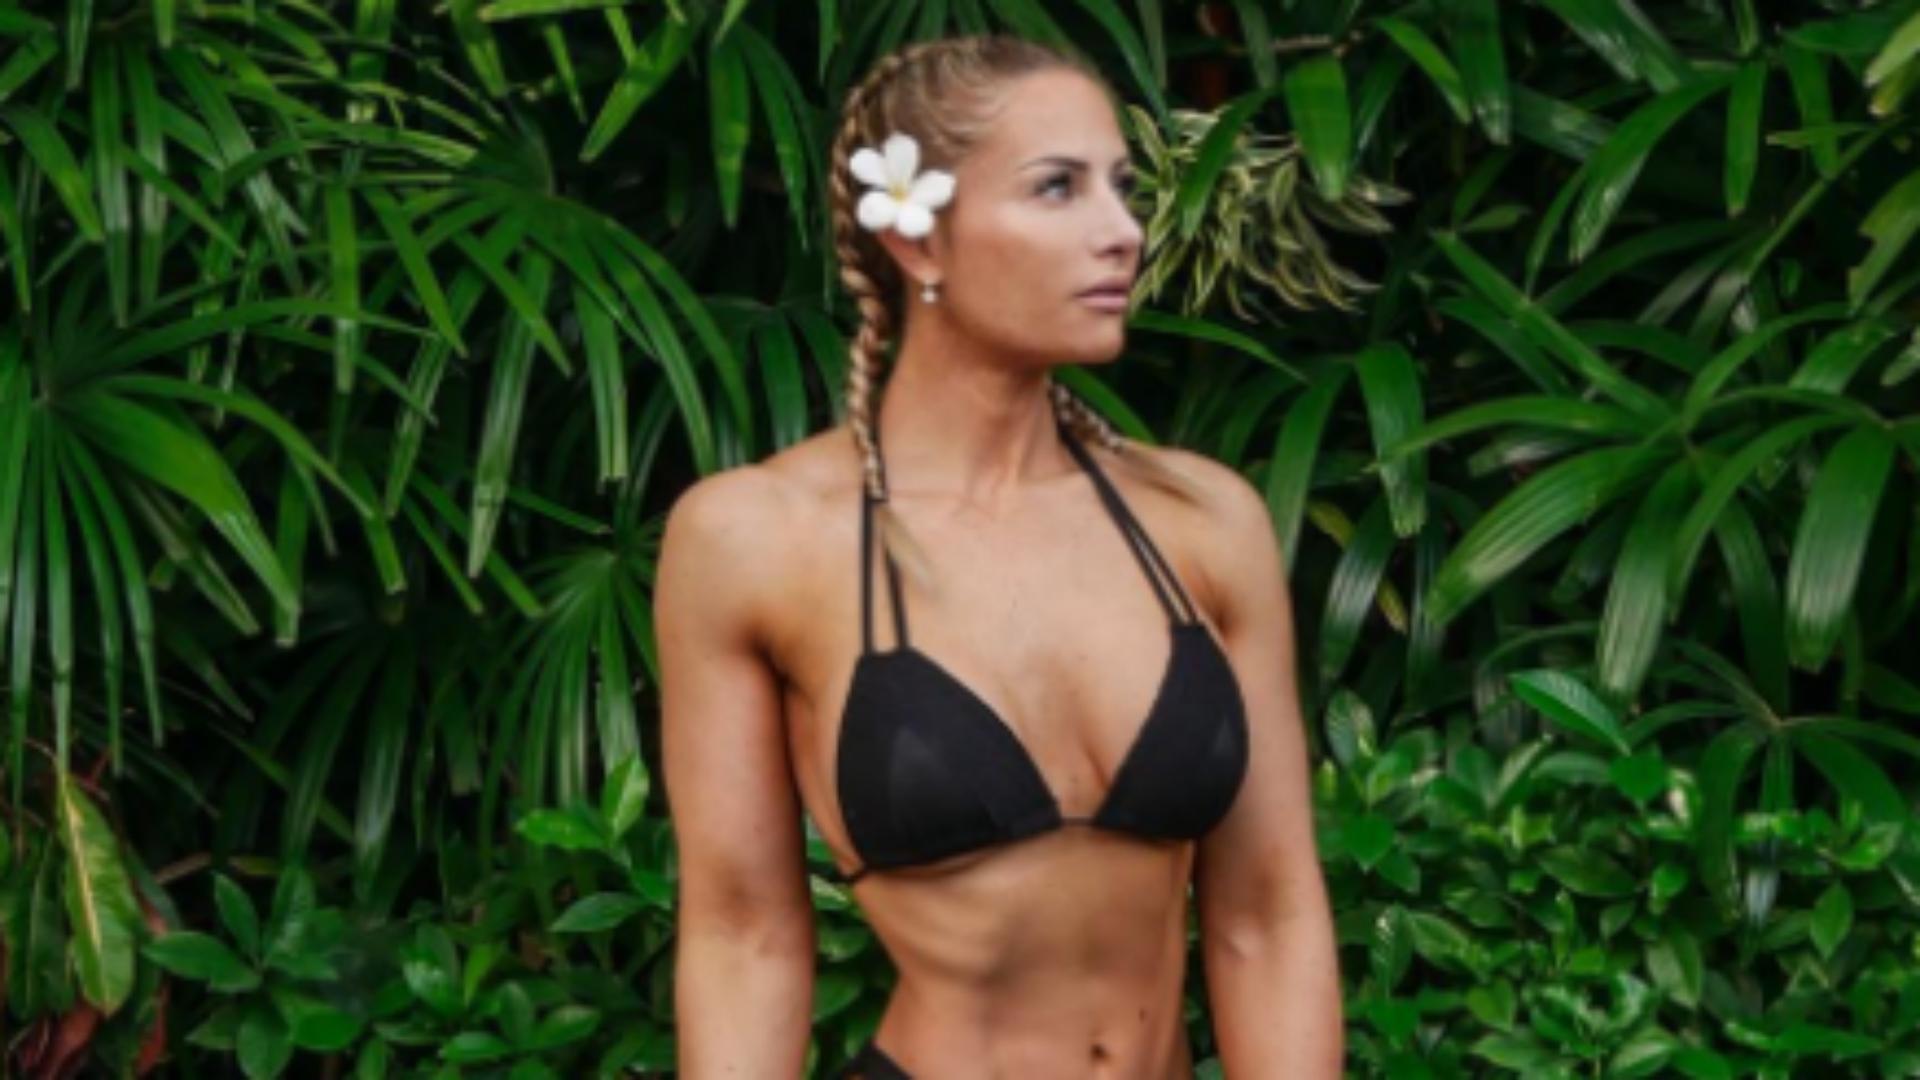 PRISCILLA: Bikini whipped cream fight